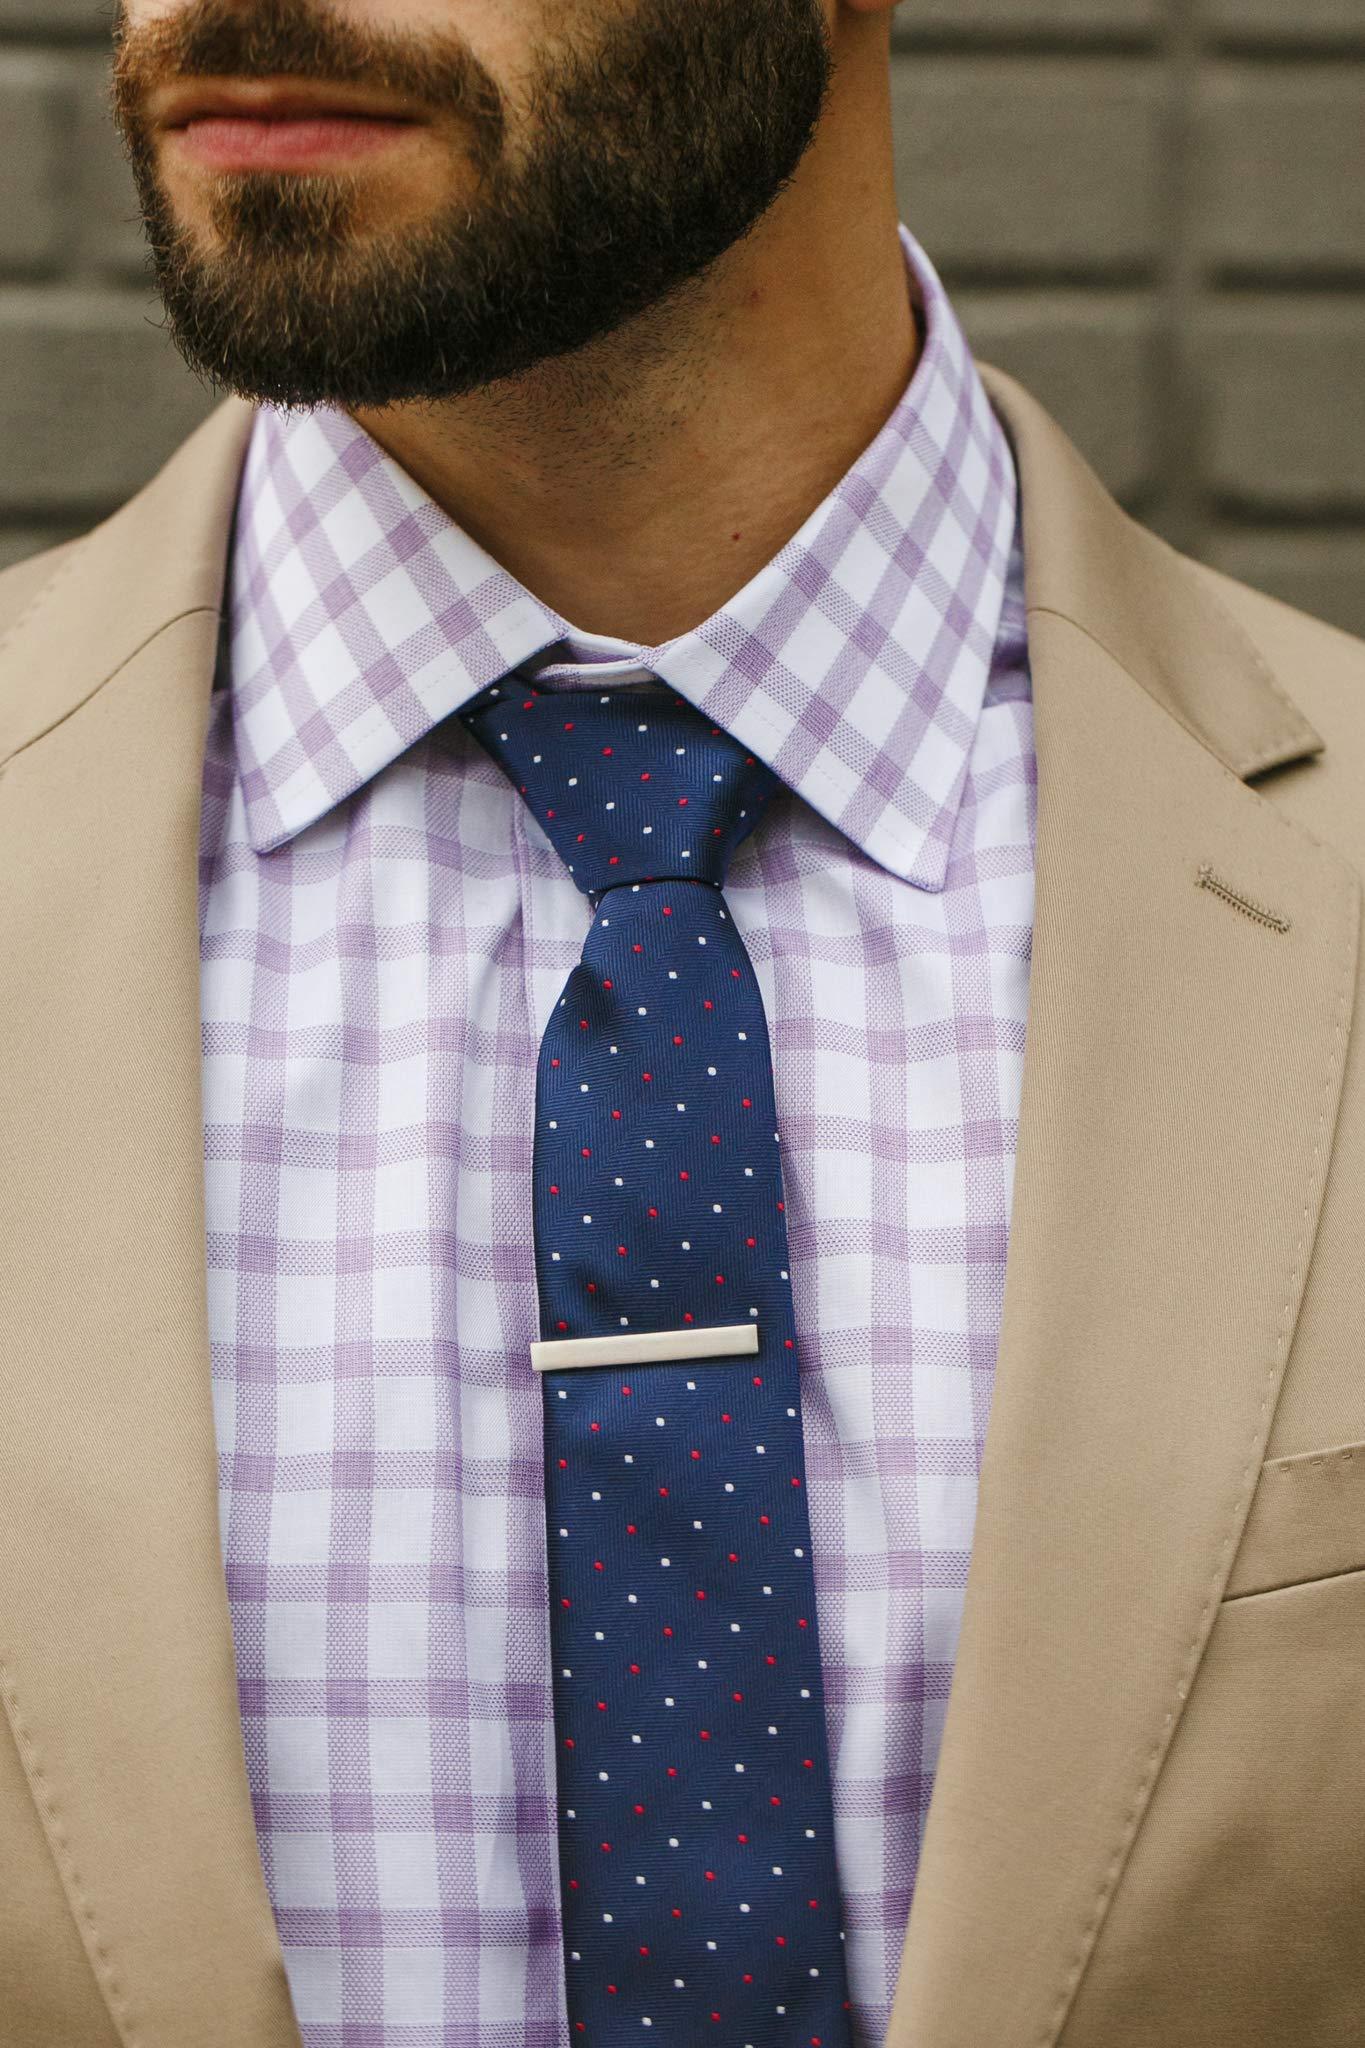 Cueva Bar 4.13 cm Tie Clip, Suiting Tie Clip, Great Gift for Men, Classic Style, Office Look, Wedding Business Necktie Clip, Silver Steel, Unique Design, Everyday Wear, Fashion Necktie Clip by Cueva (Image #7)